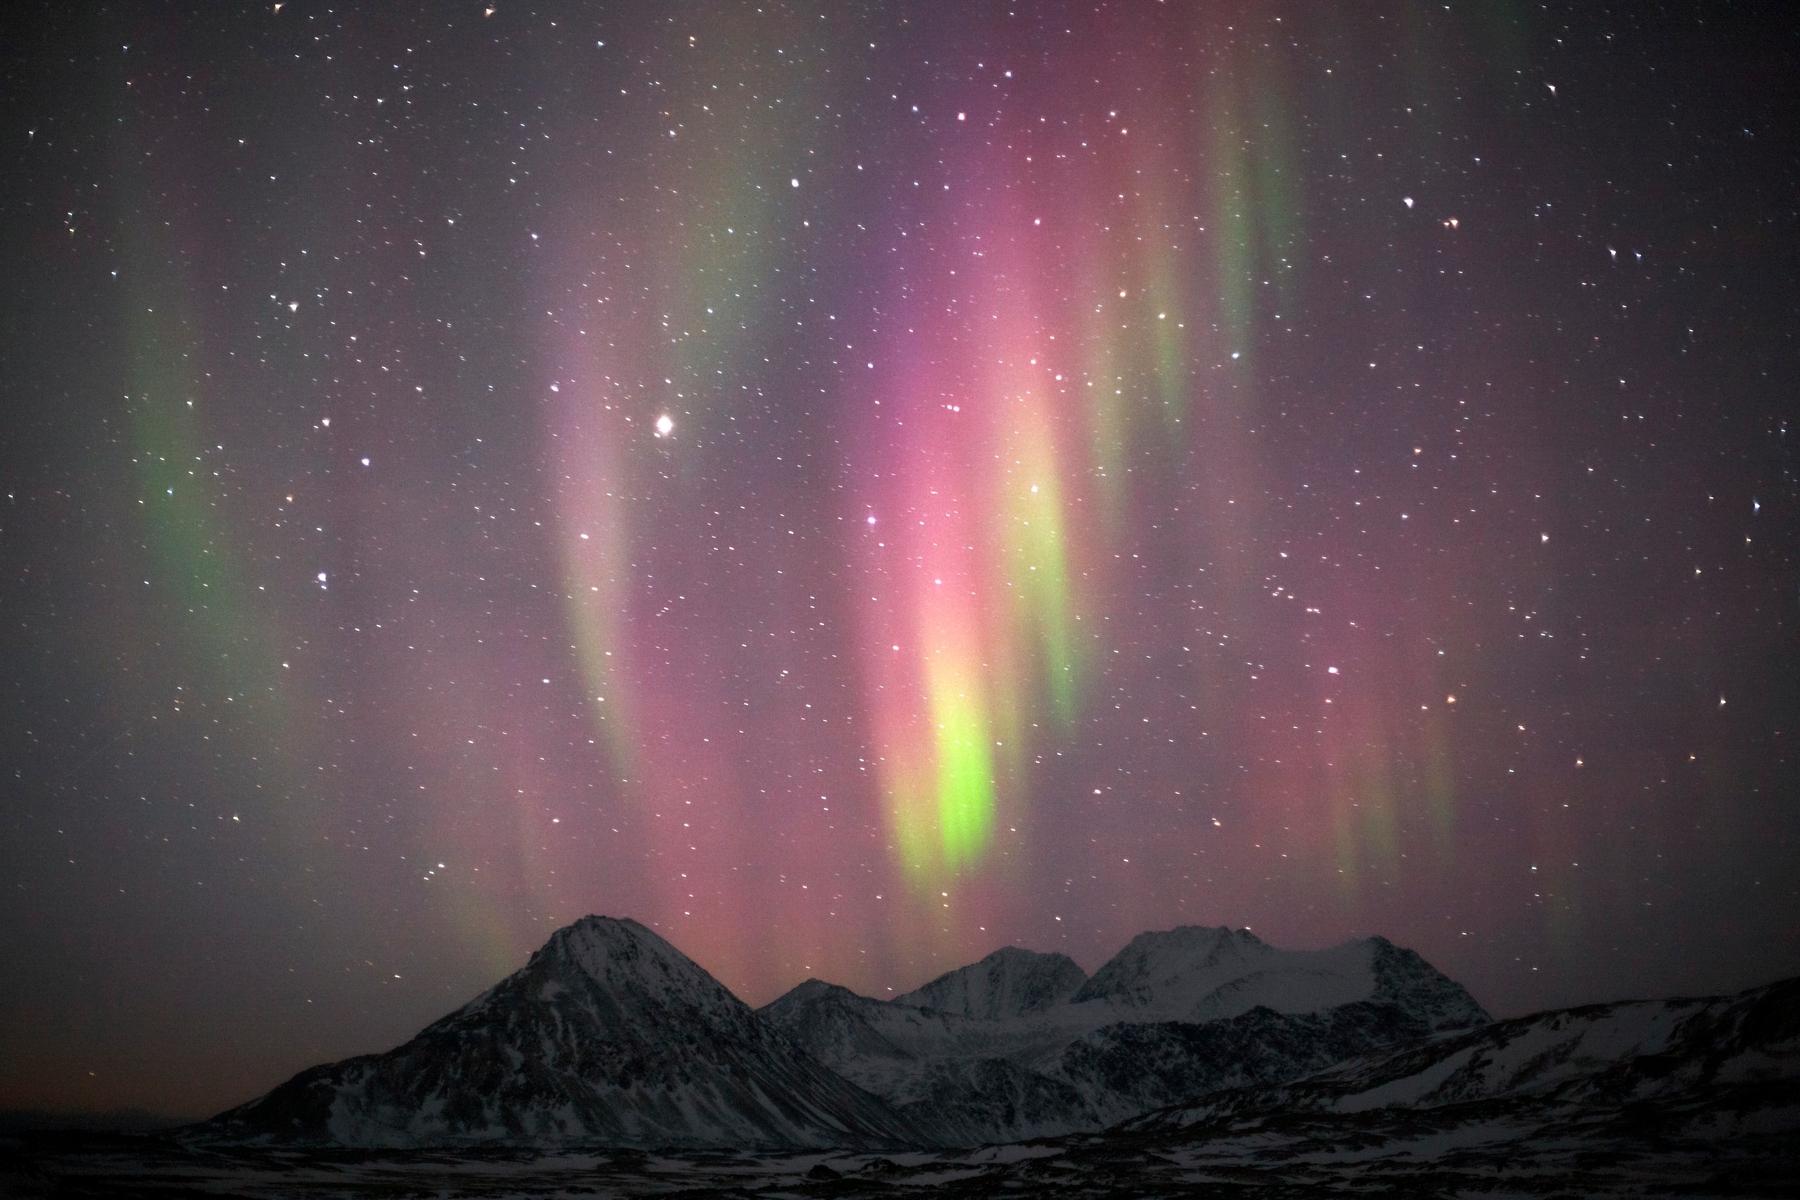 Красивое северное сияние на полярном архипелаге Шпицберген (Свальбард)  в Северном Ледовитом океане, между 76°26' и 80°50' северной широты и 10° и 32° восточной долготы. Самая северная часть Норвегии